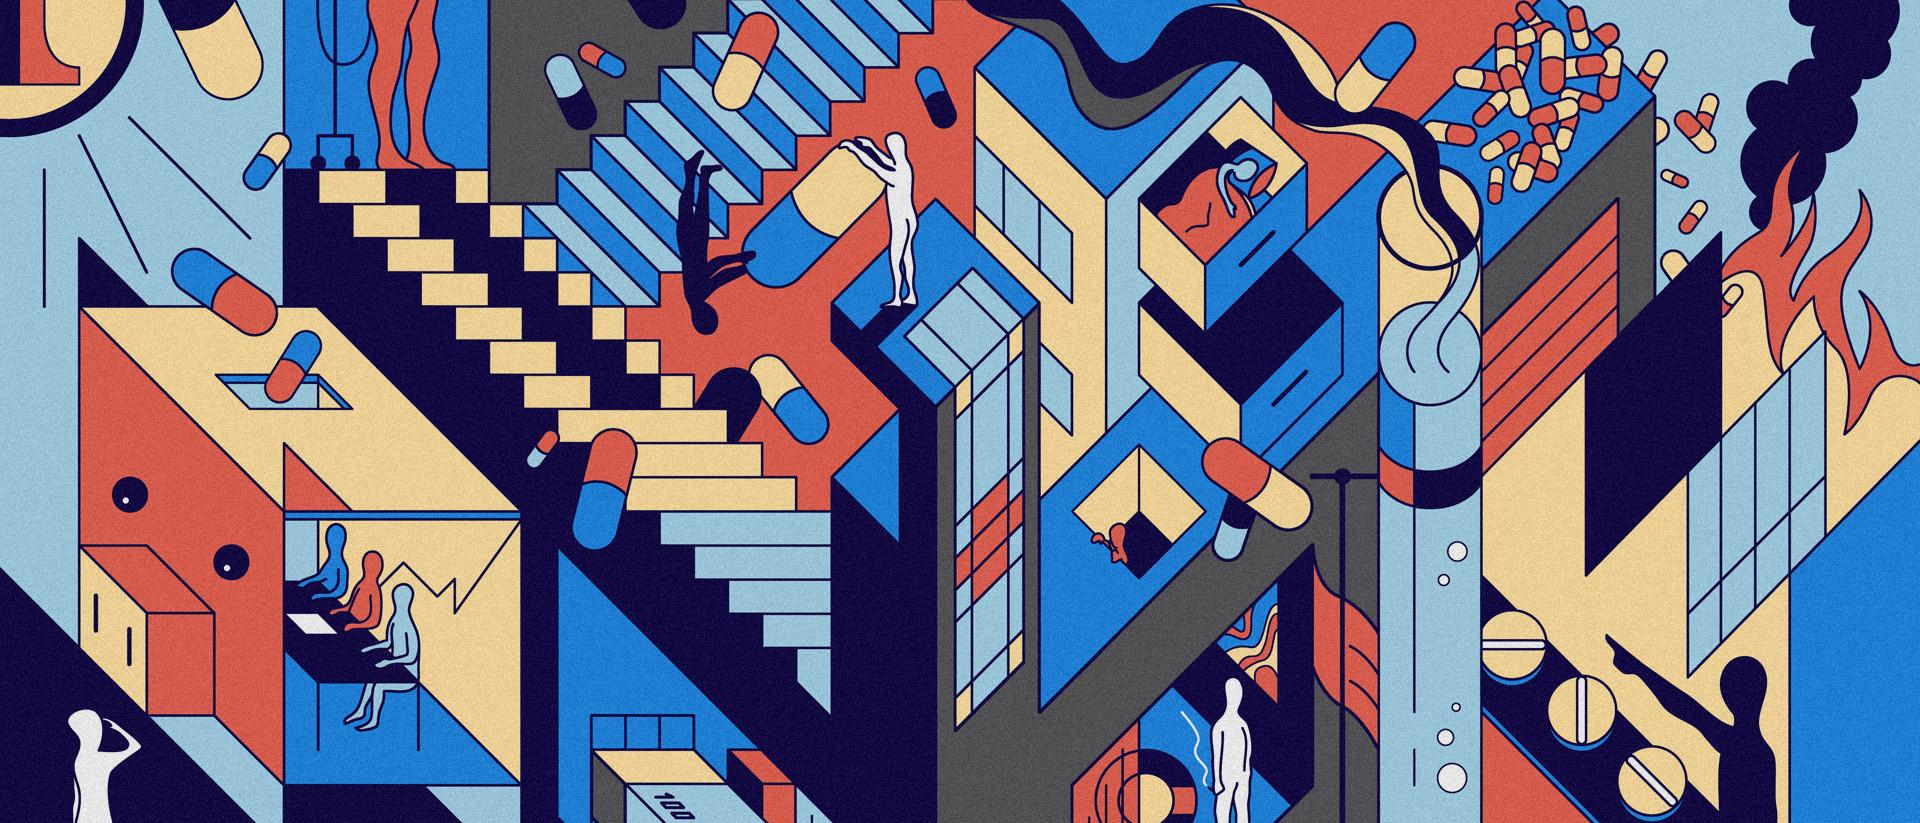 Illustration by Maus Bullhorst